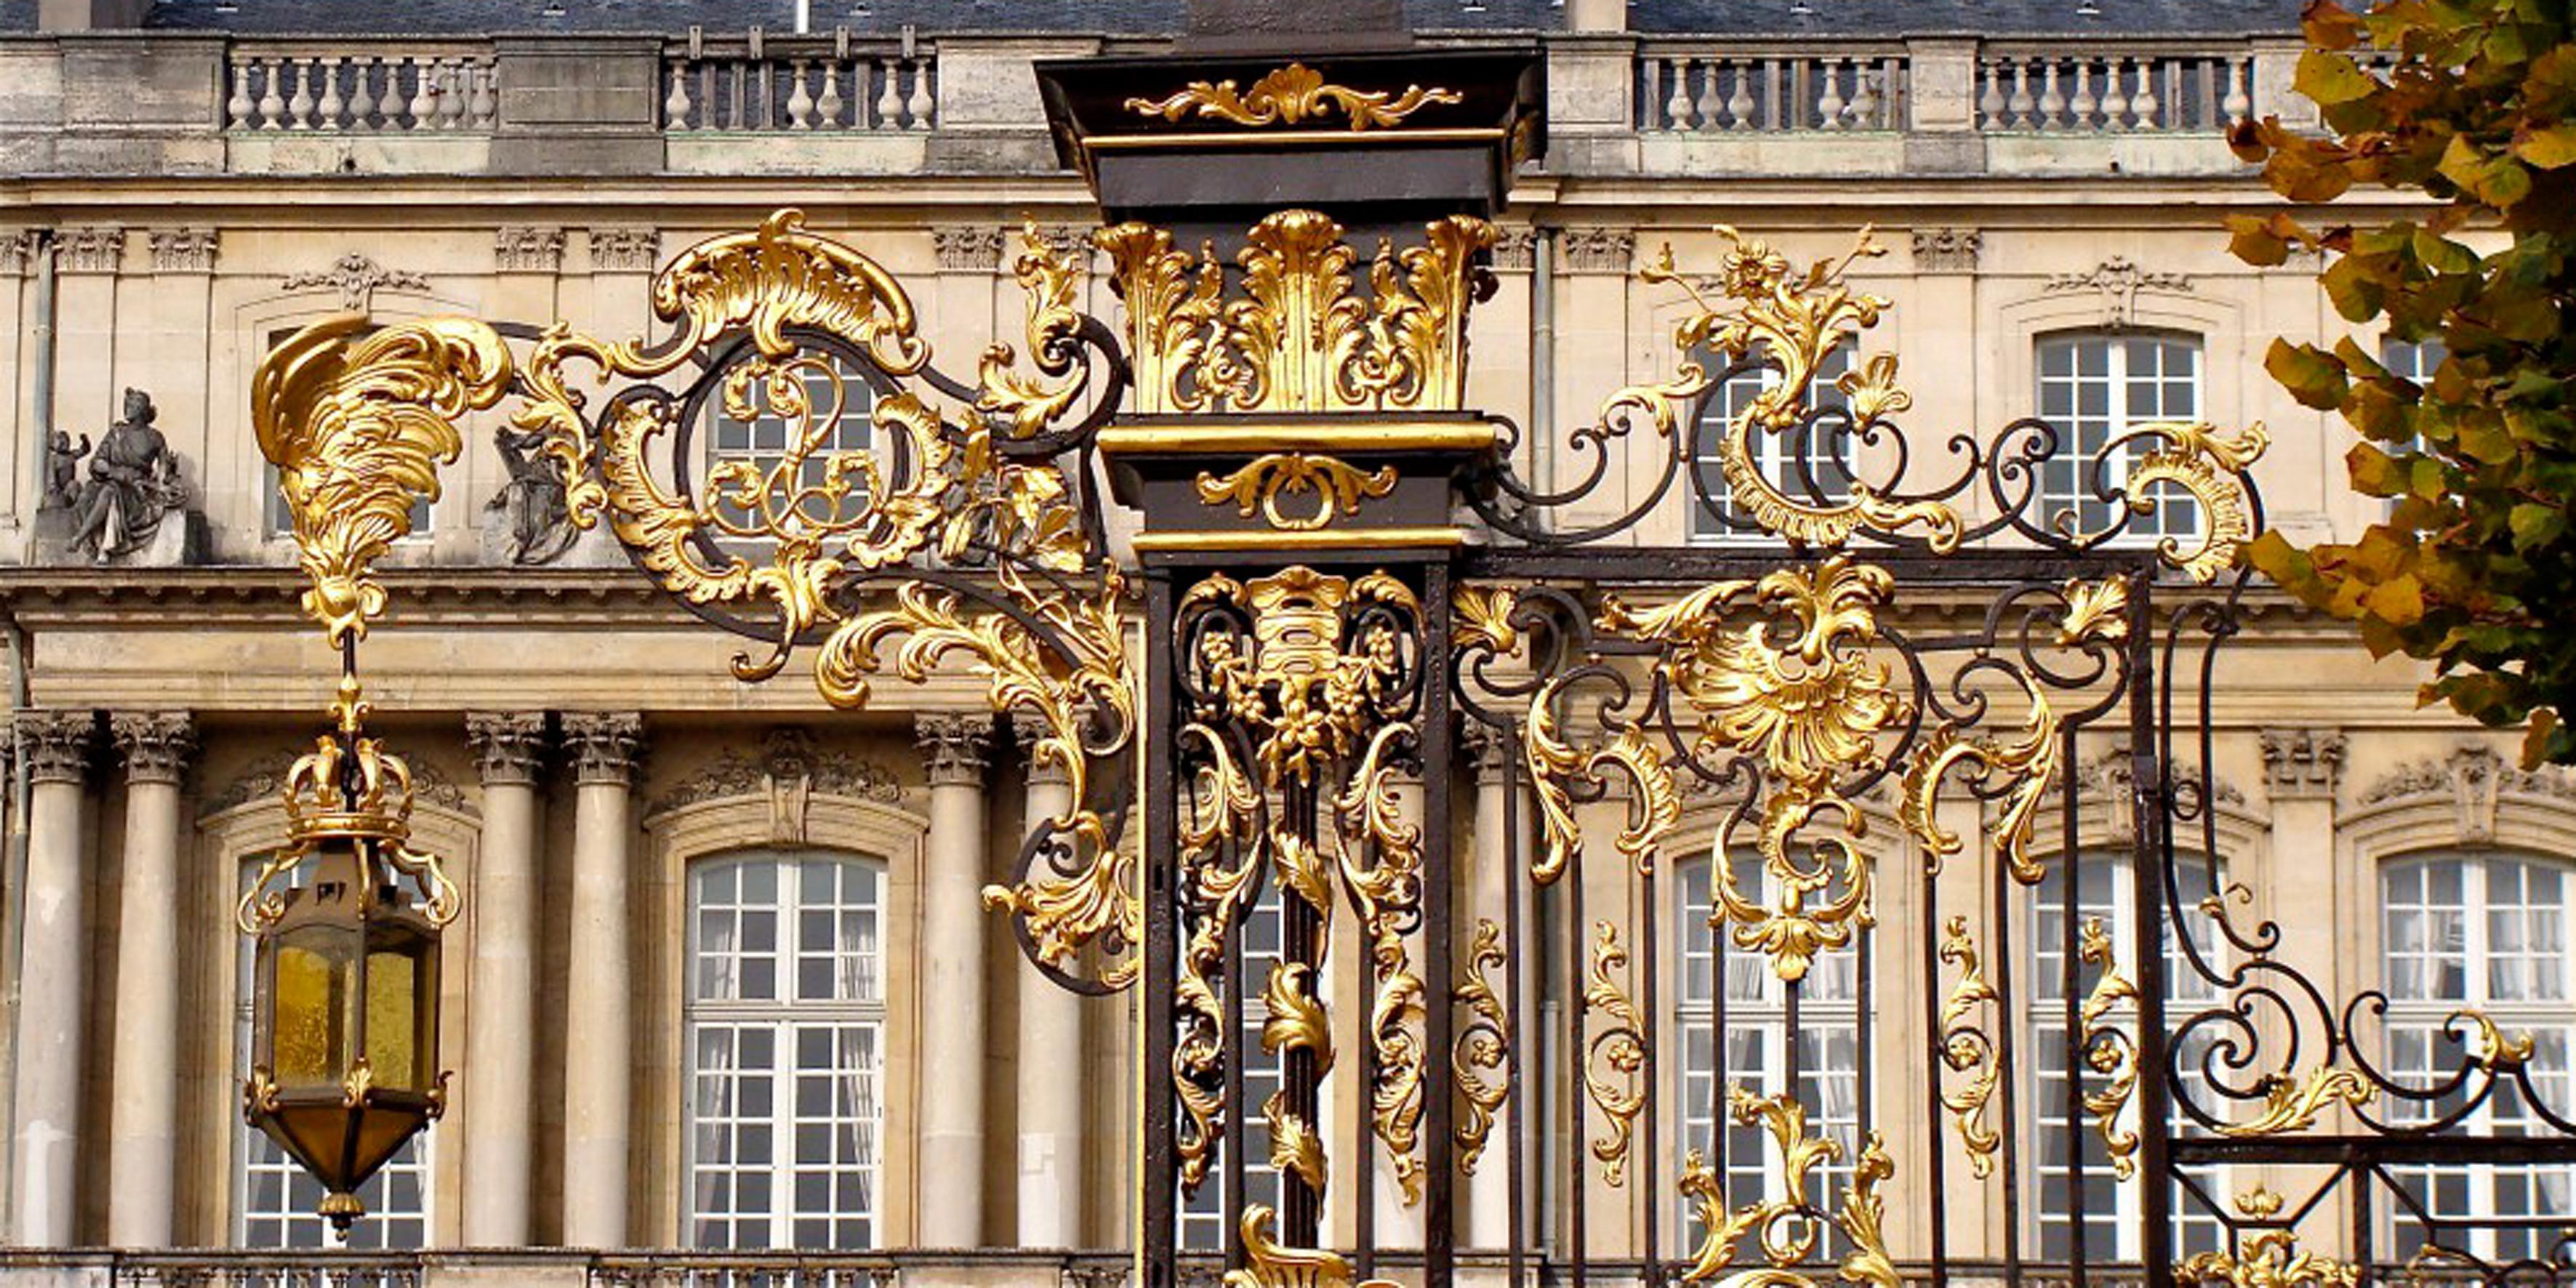 Nancy_Lanterne_Palais_ducal